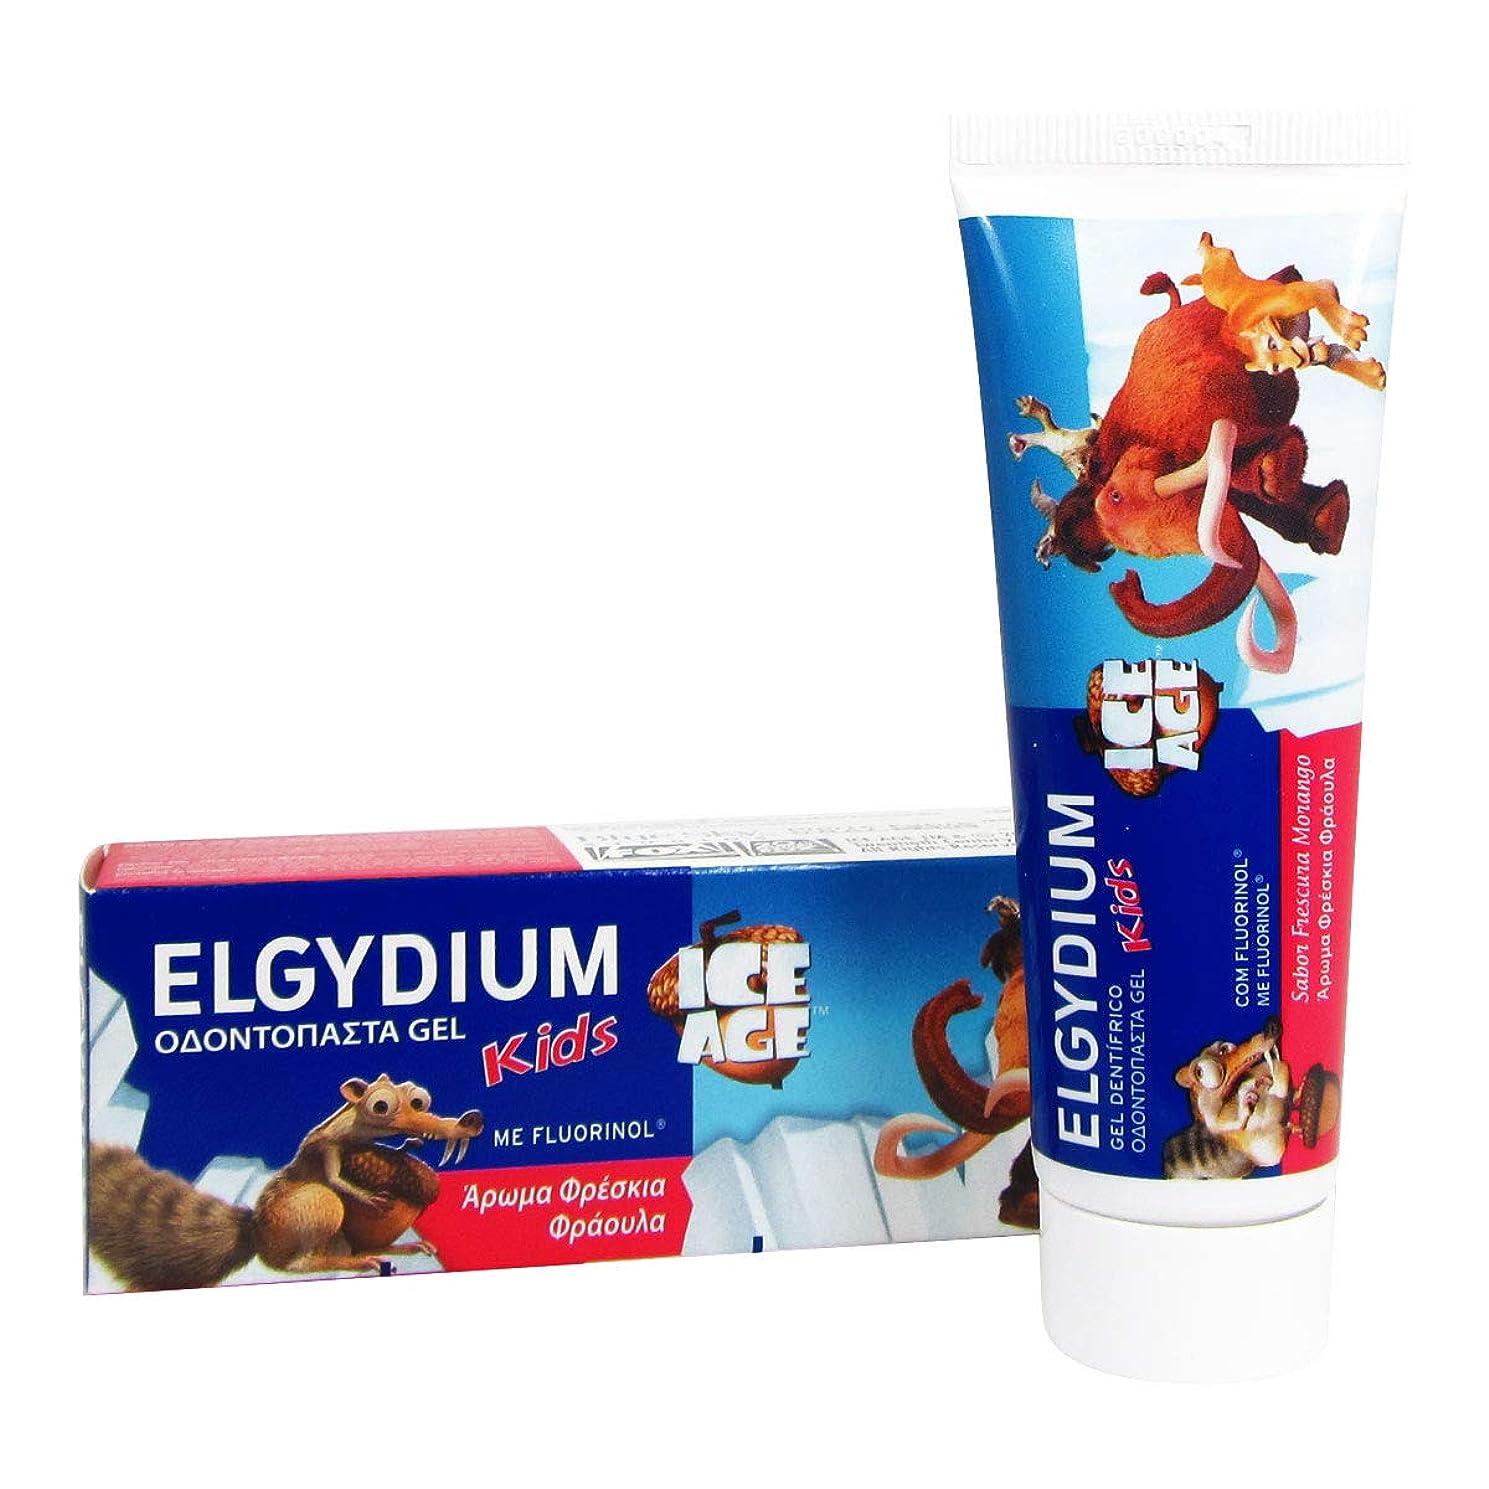 セールスマンはげクリープElgydium Kids Ice Age Toothpaste Toothpaste Gel 50ml [並行輸入品]